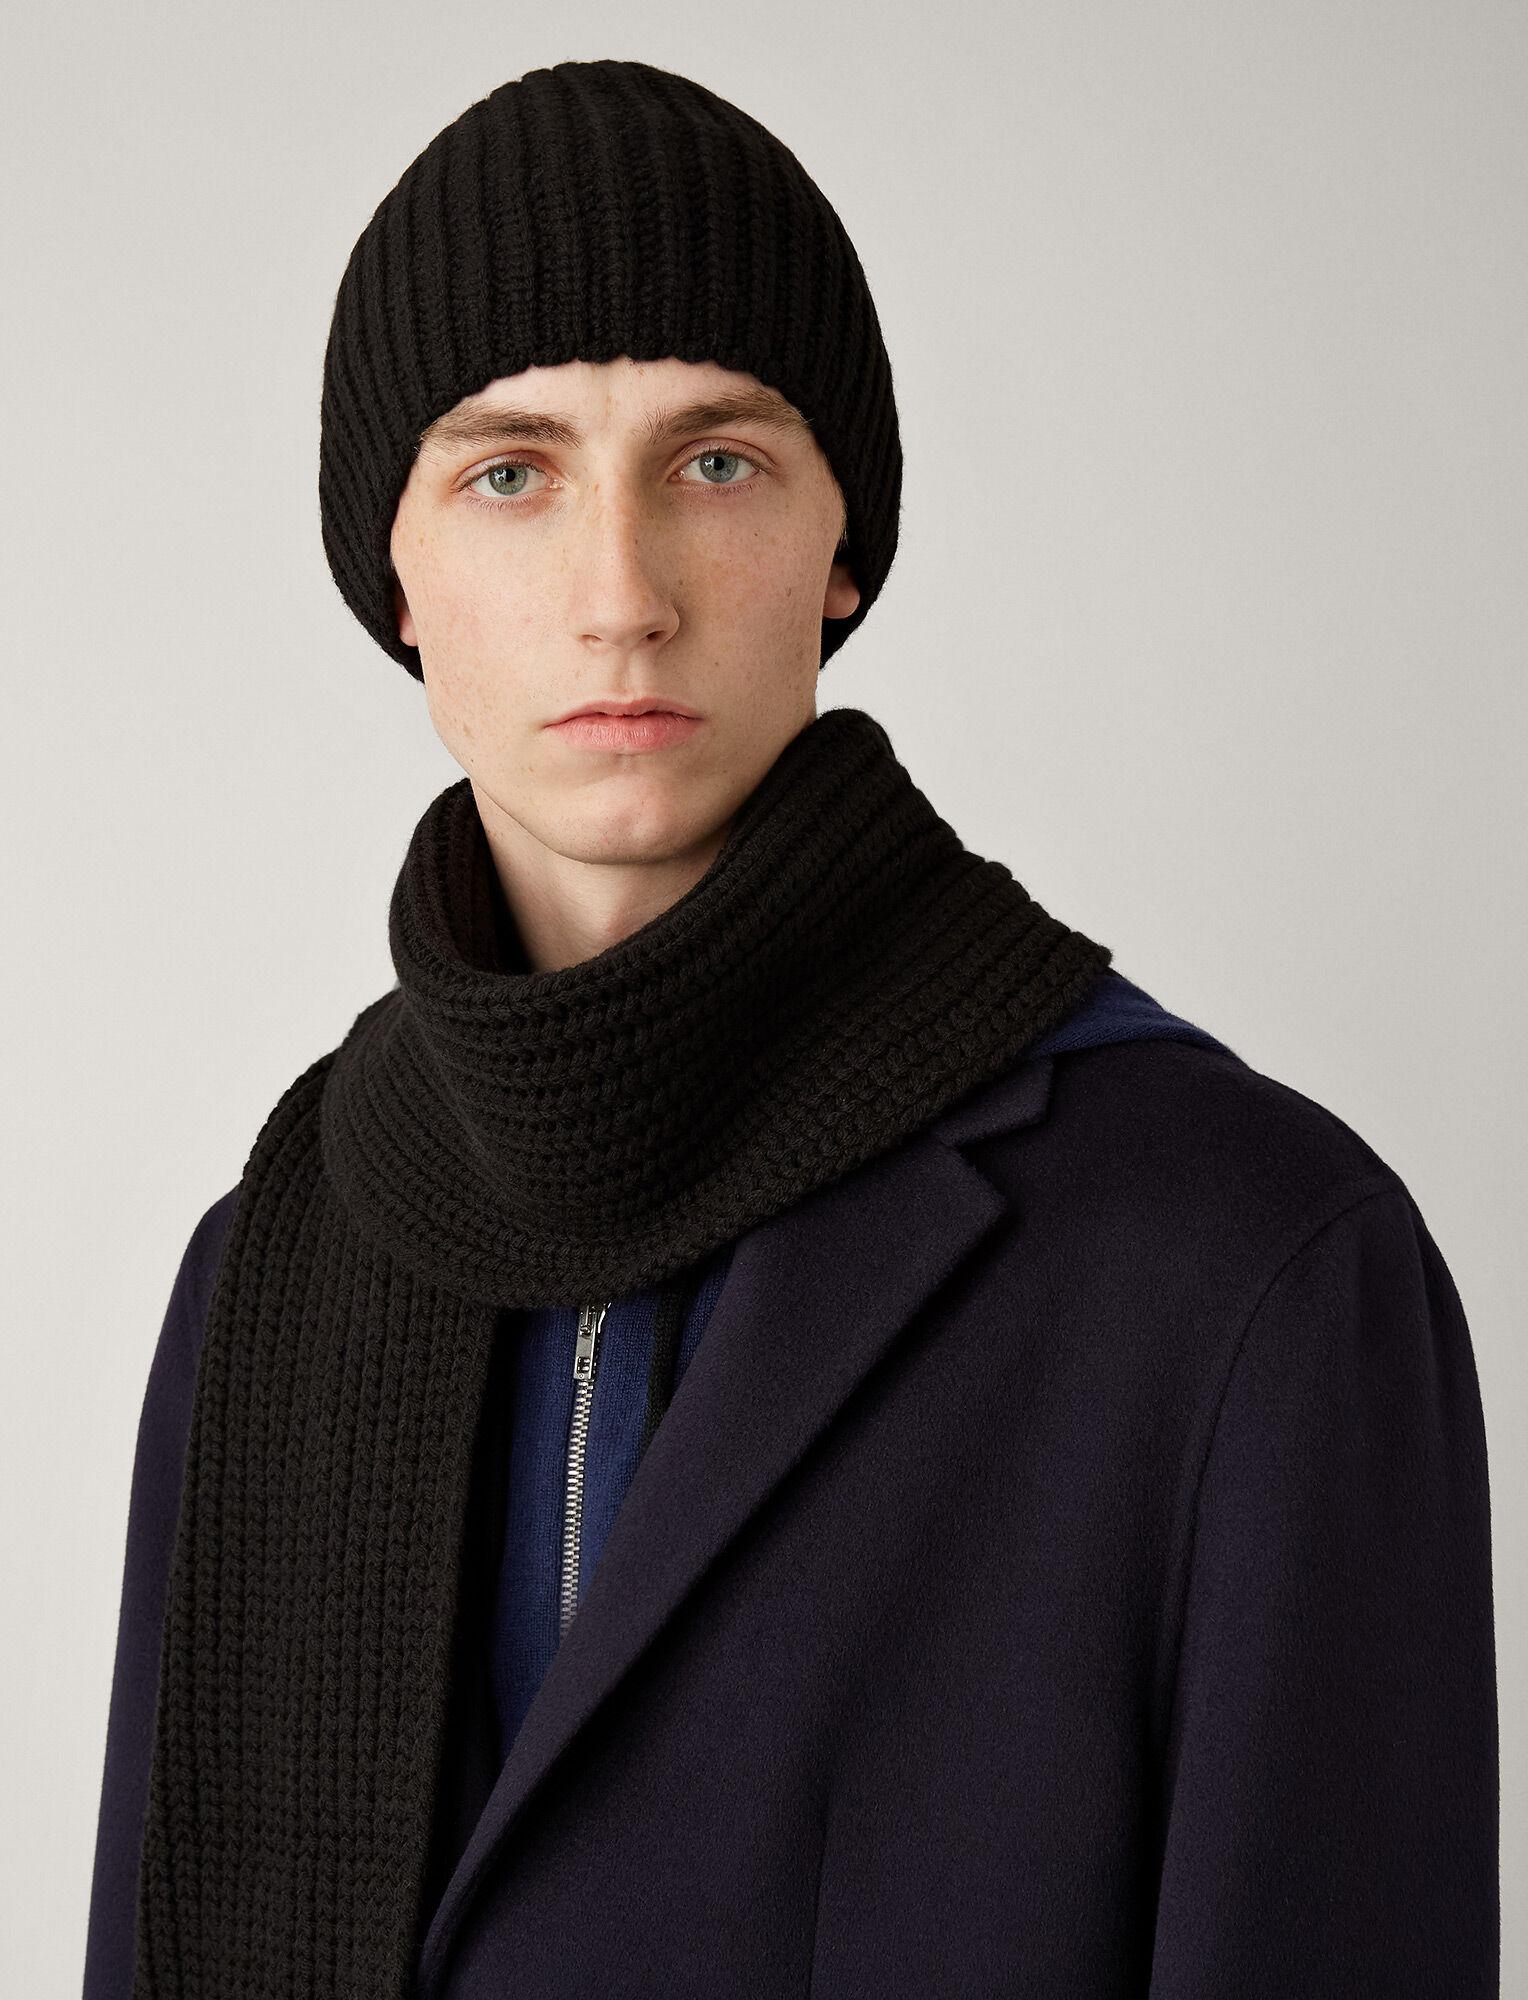 Joseph, Hat Soft Wool Knit, in BLACK